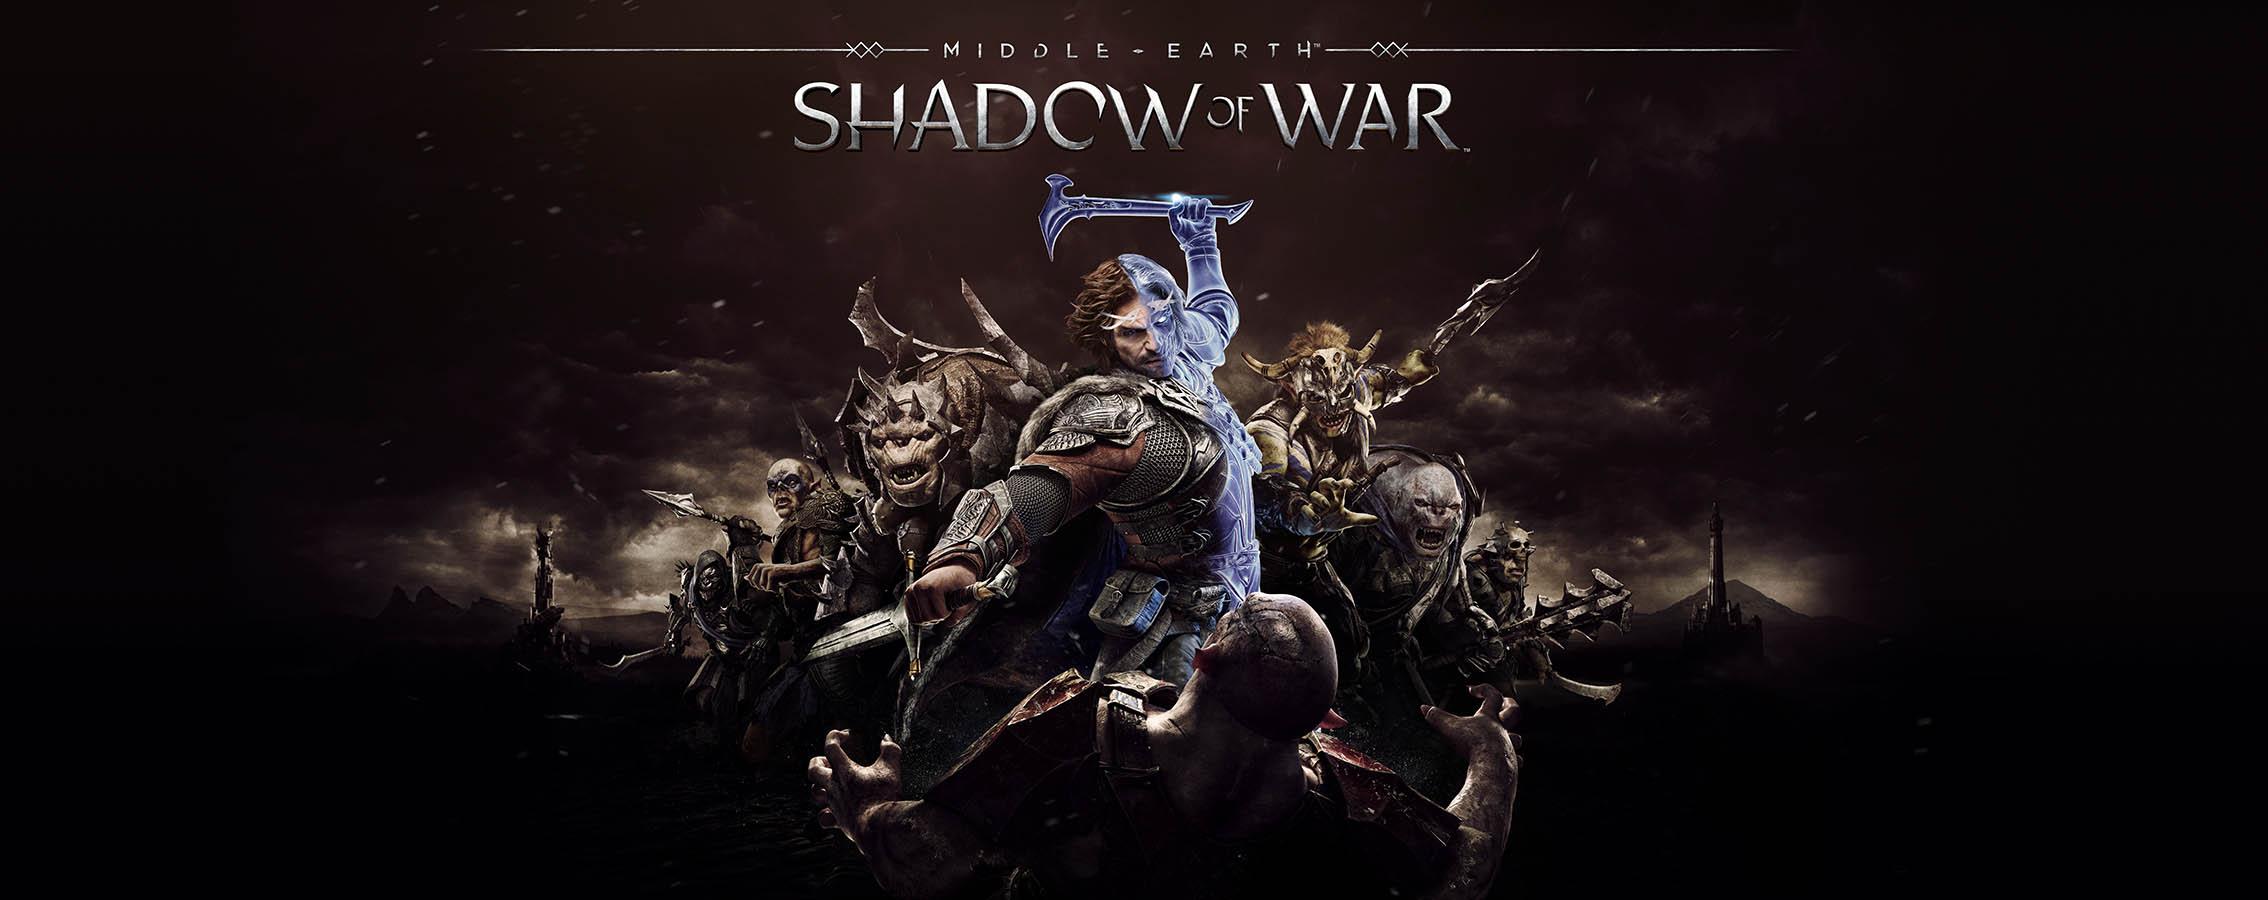 shadow-of-war-thumb